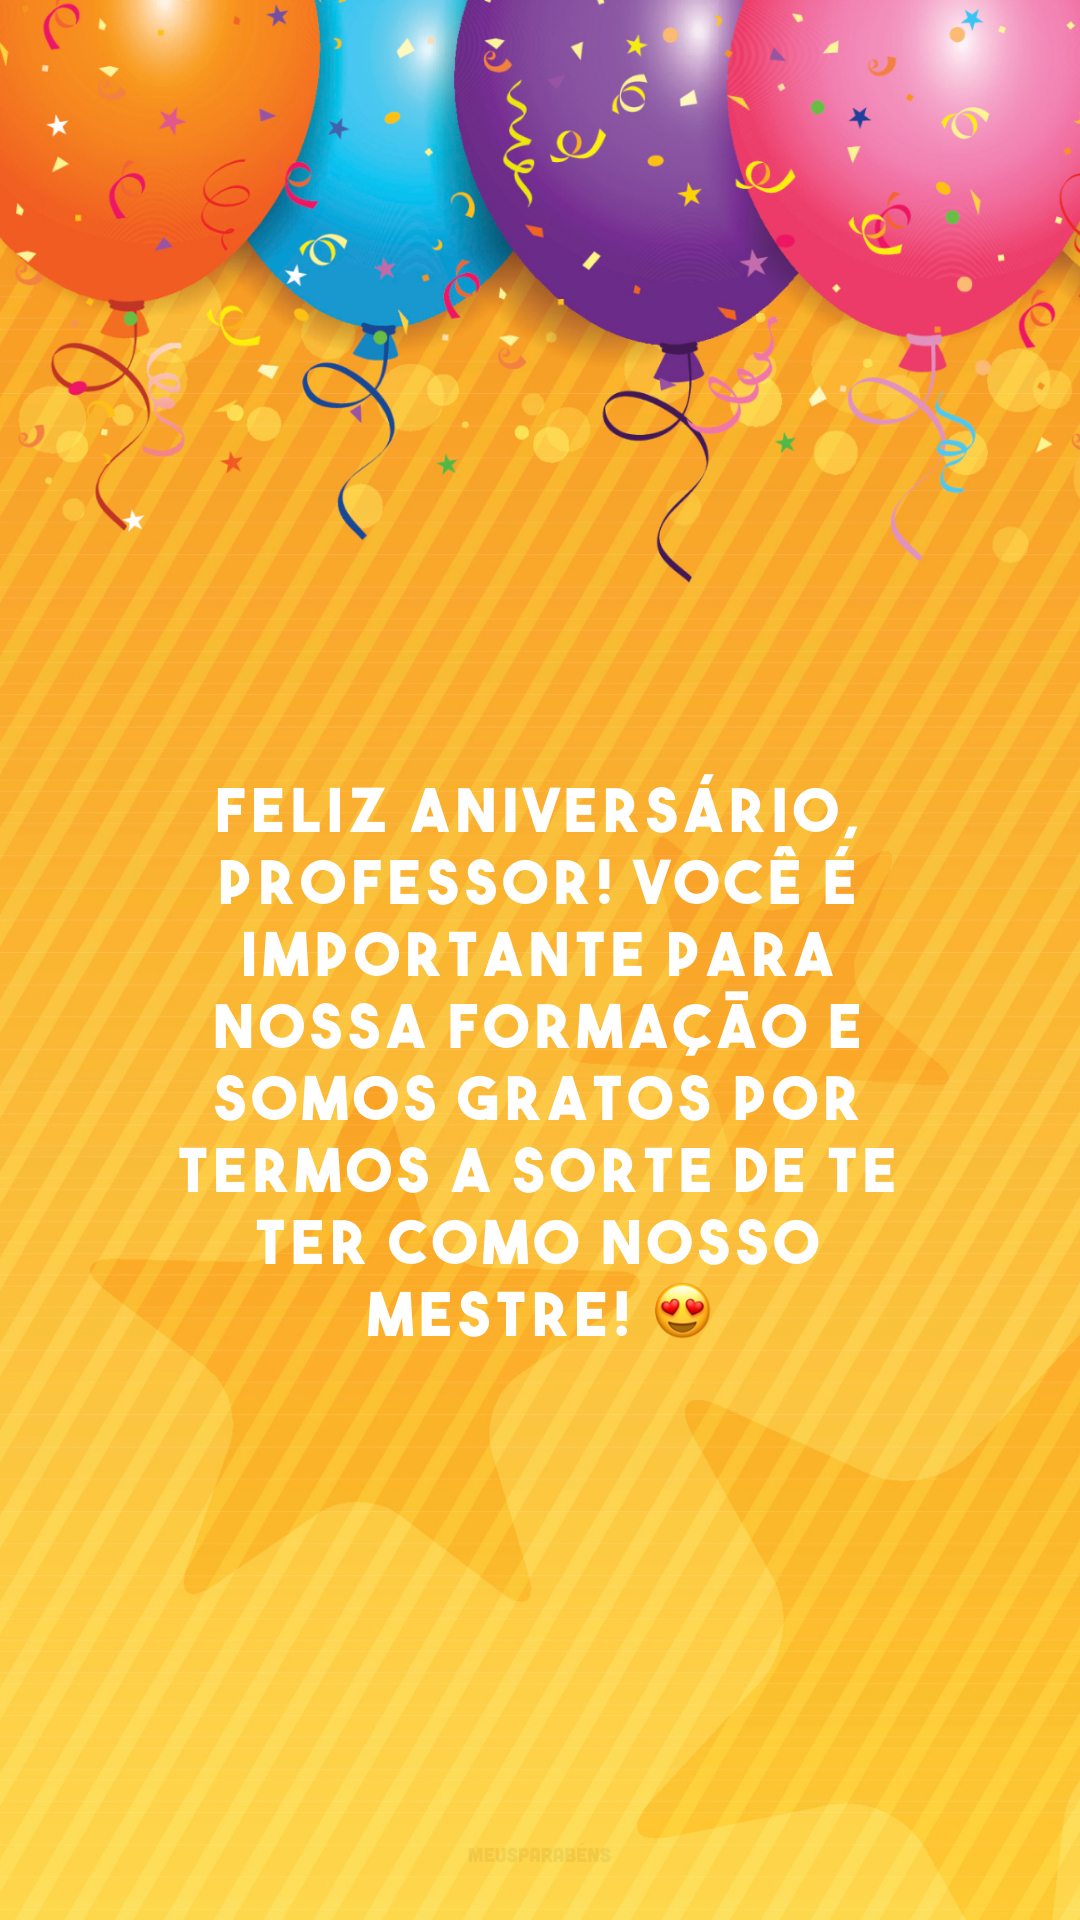 Feliz aniversário, professor! Você é importante para nossa formação e somos gratos por termos a sorte de te ter como nosso mestre! 😍